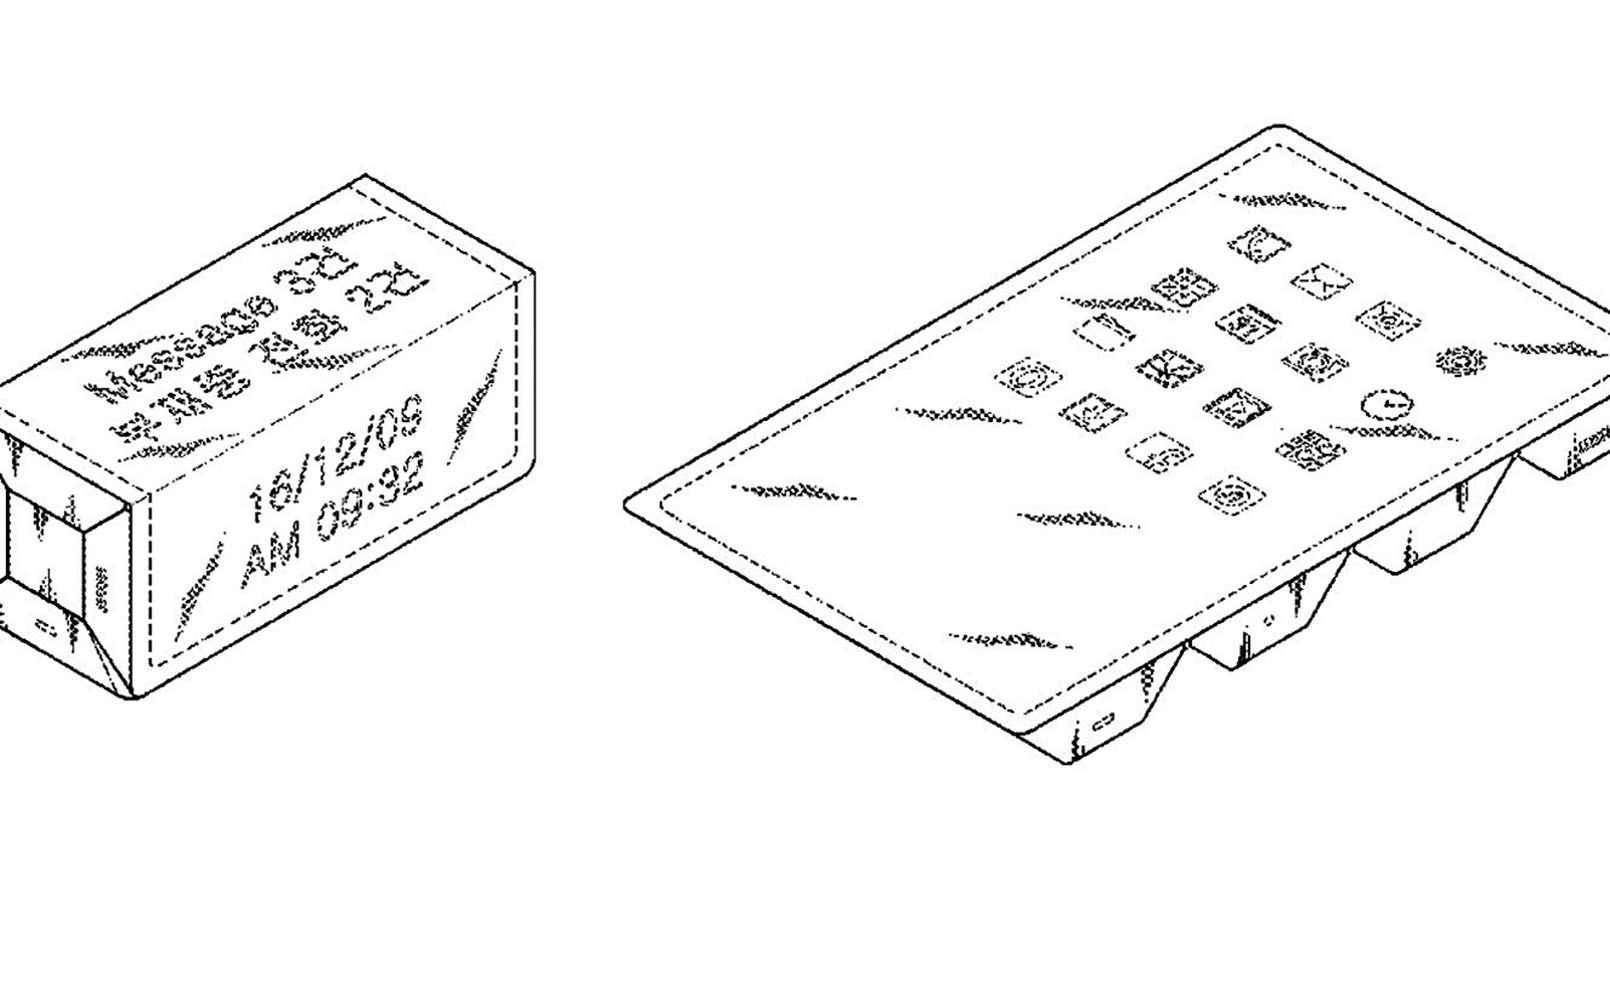 Sur les faces de l'appareil, des informations comme l'heure ou des notifications. Déplié, il laisse apparaître des icônes comme sur une tablette ou un smartphone classique. © Samsung, USPTO